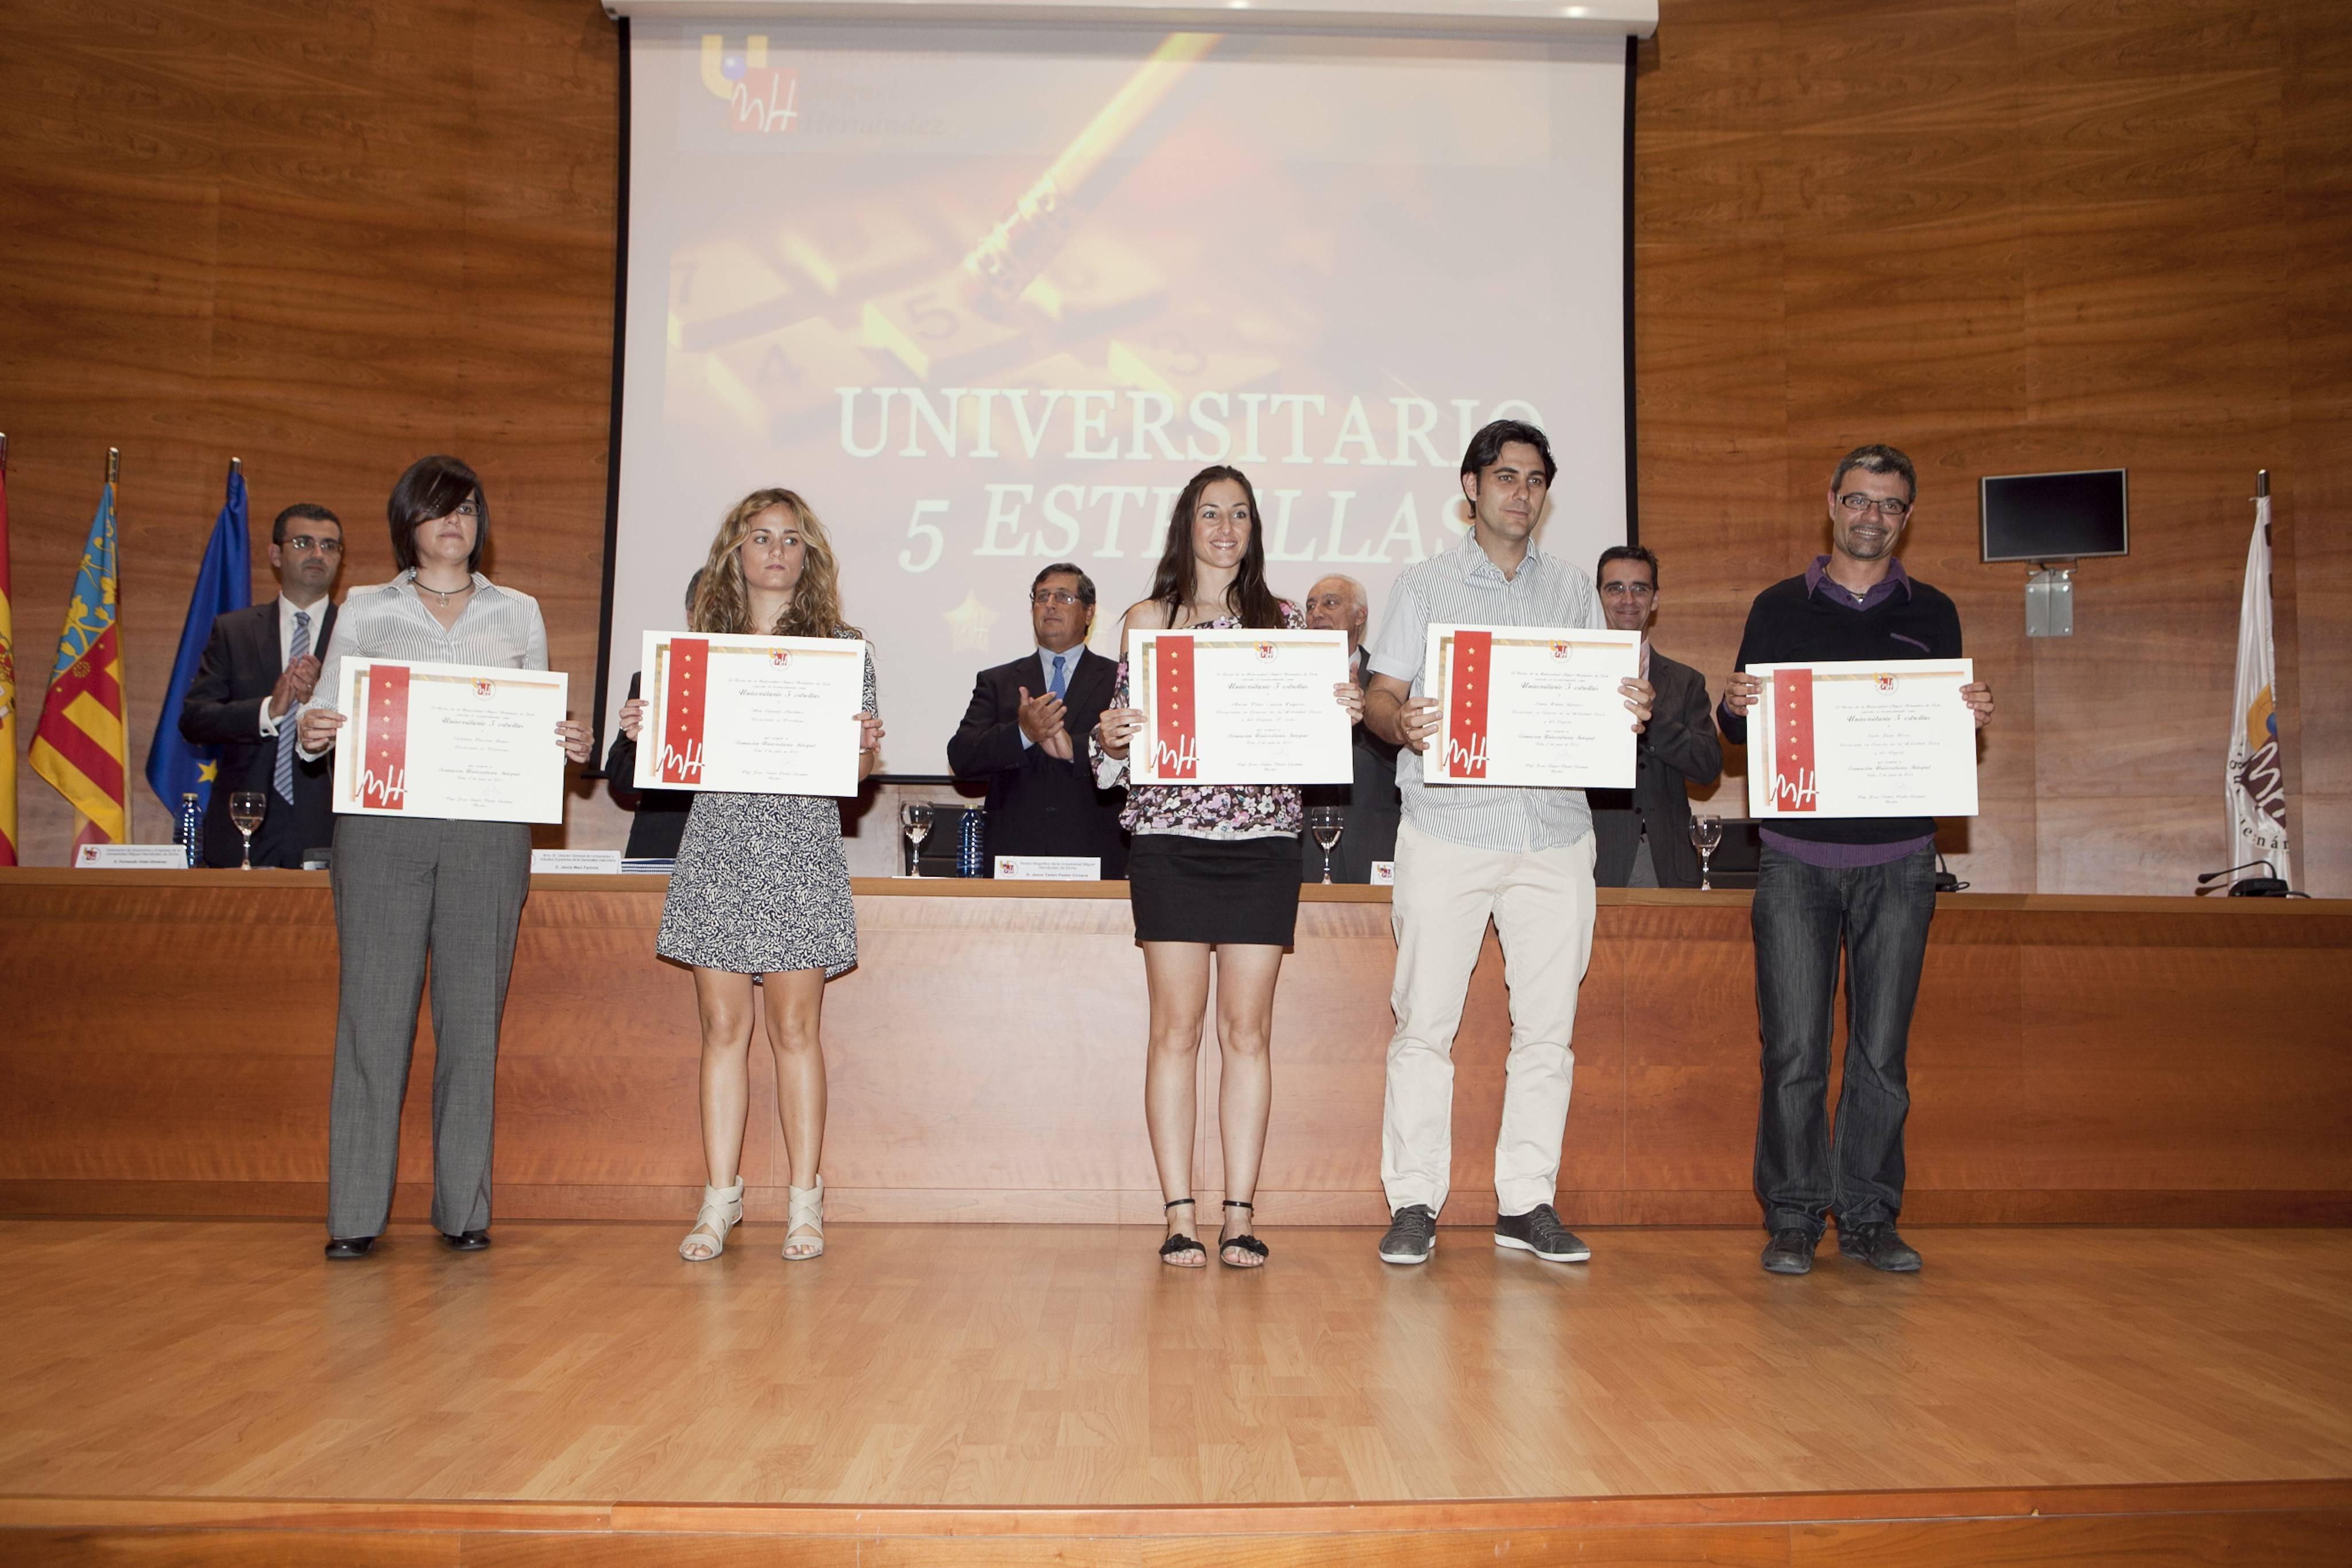 premios-5-estrellas_mg_0631.jpg